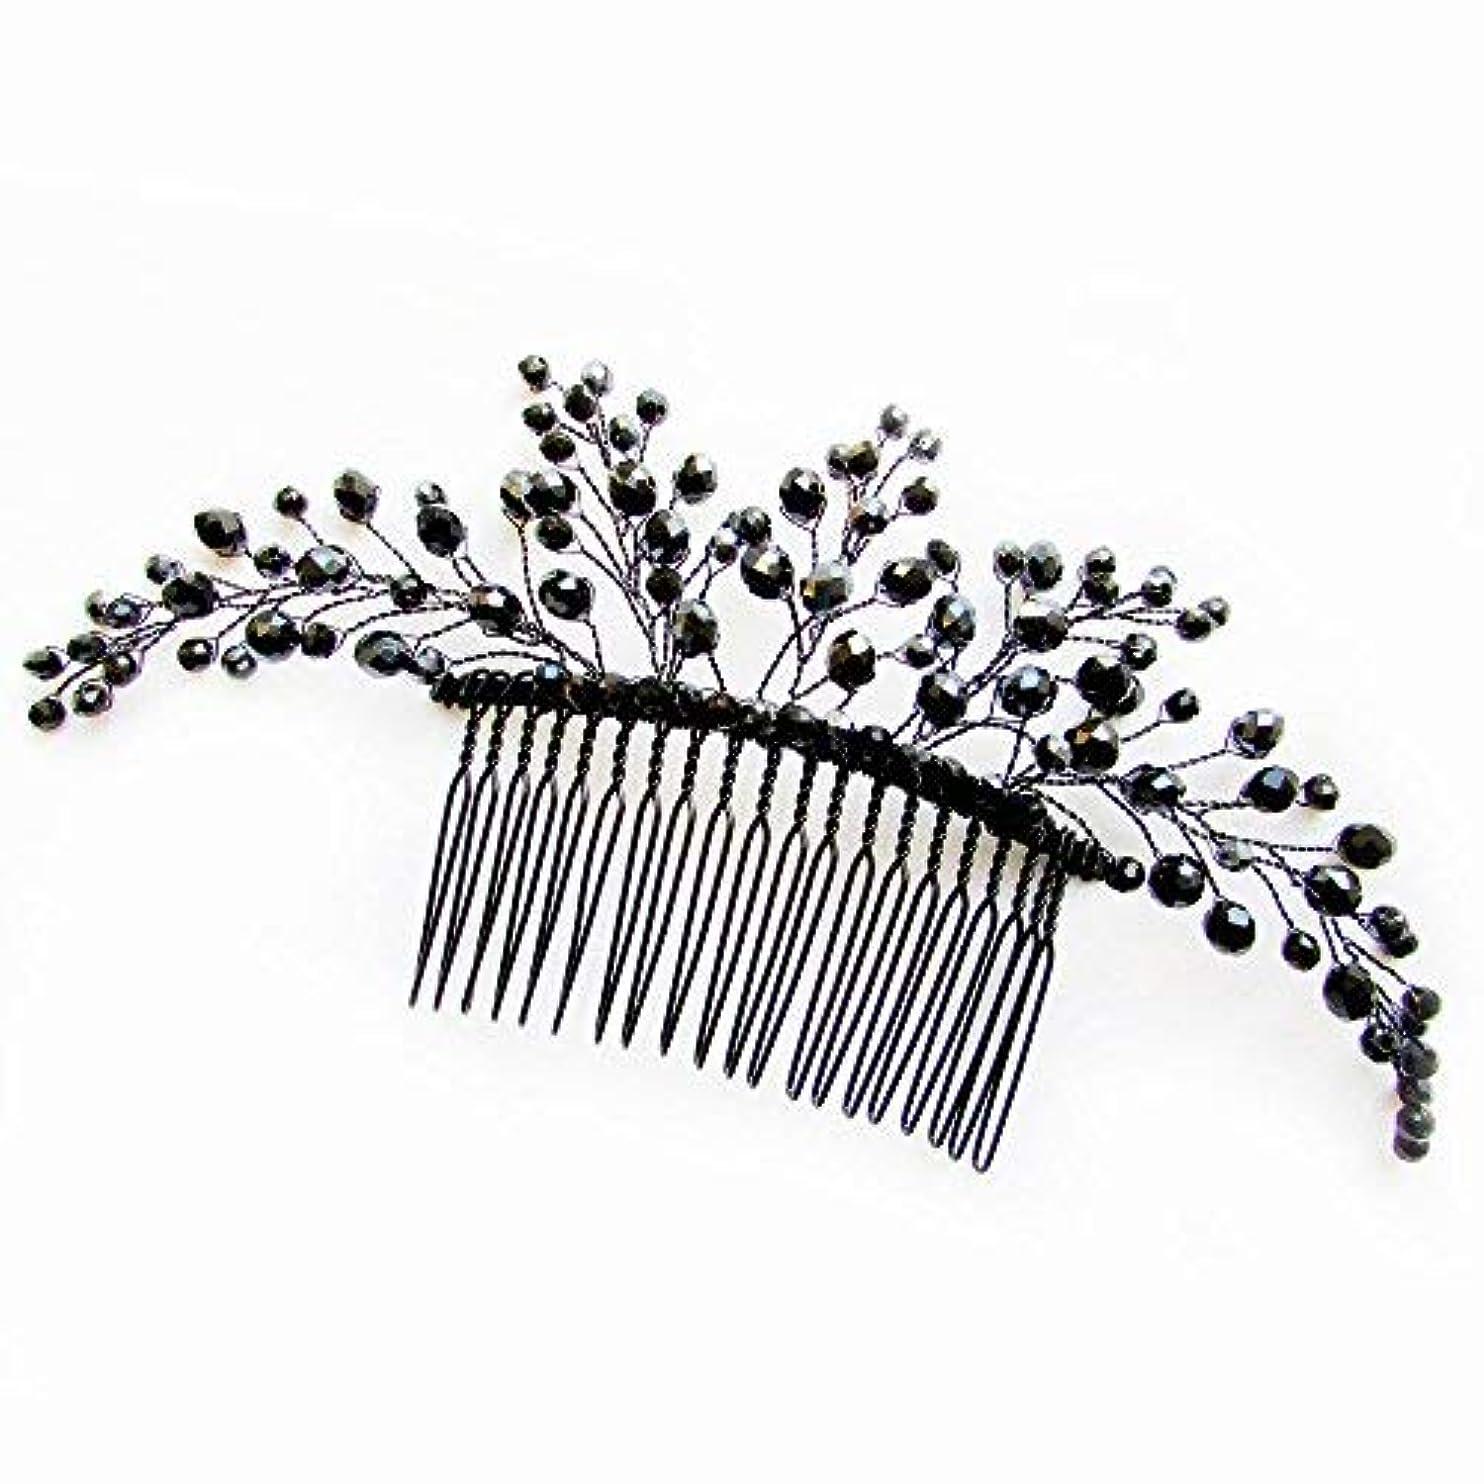 食用ボトルネック病気Missgrace Black Hair Comb Halloween Special Occasion Headpiece Black Hair Accessories [並行輸入品]